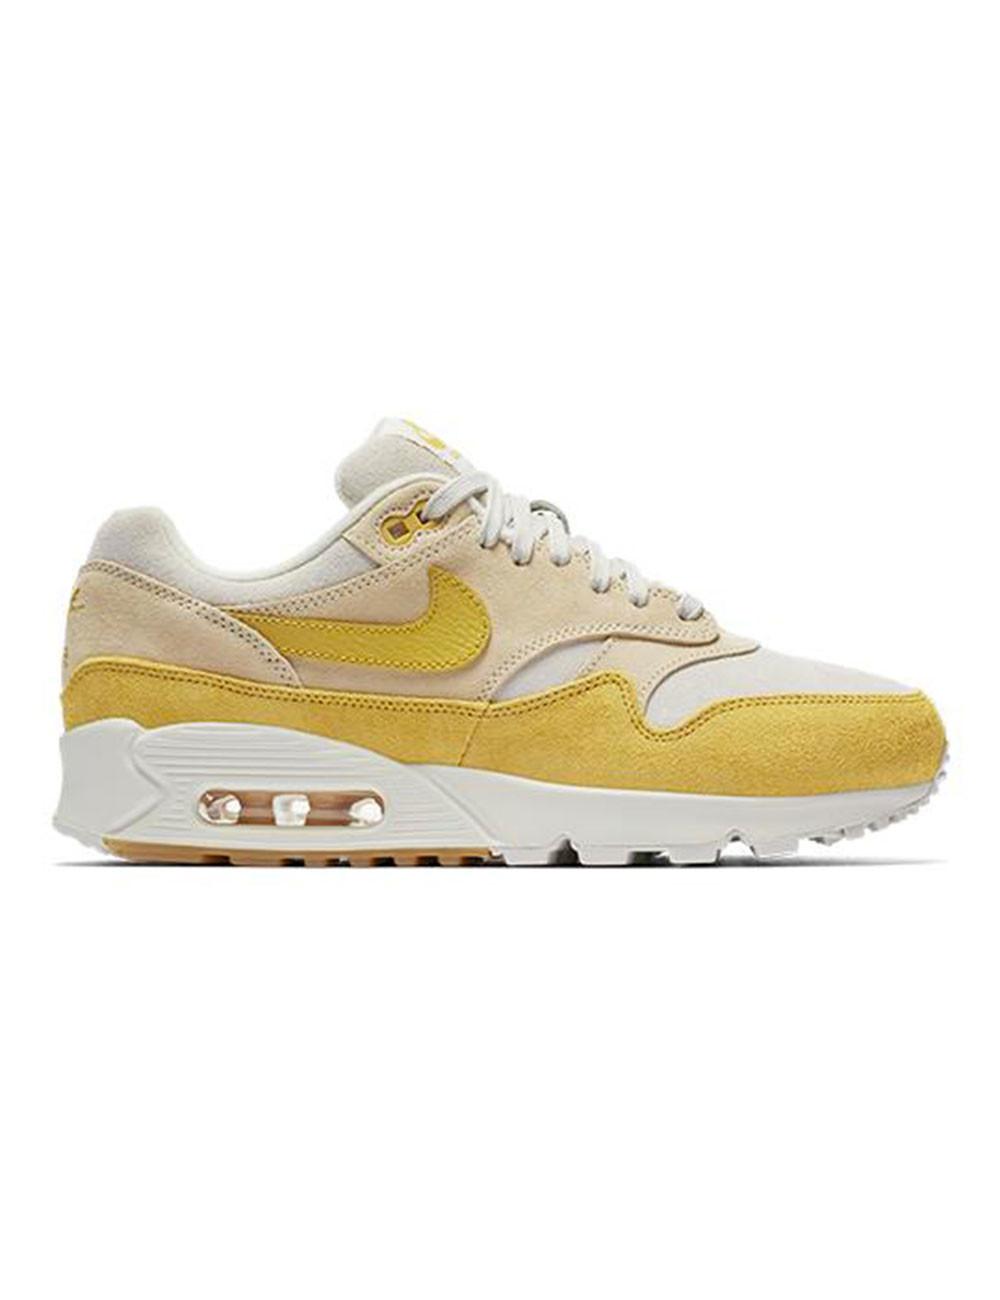 Nike sportswear Air max 90 - AQ1273-800 | Shapestore.it